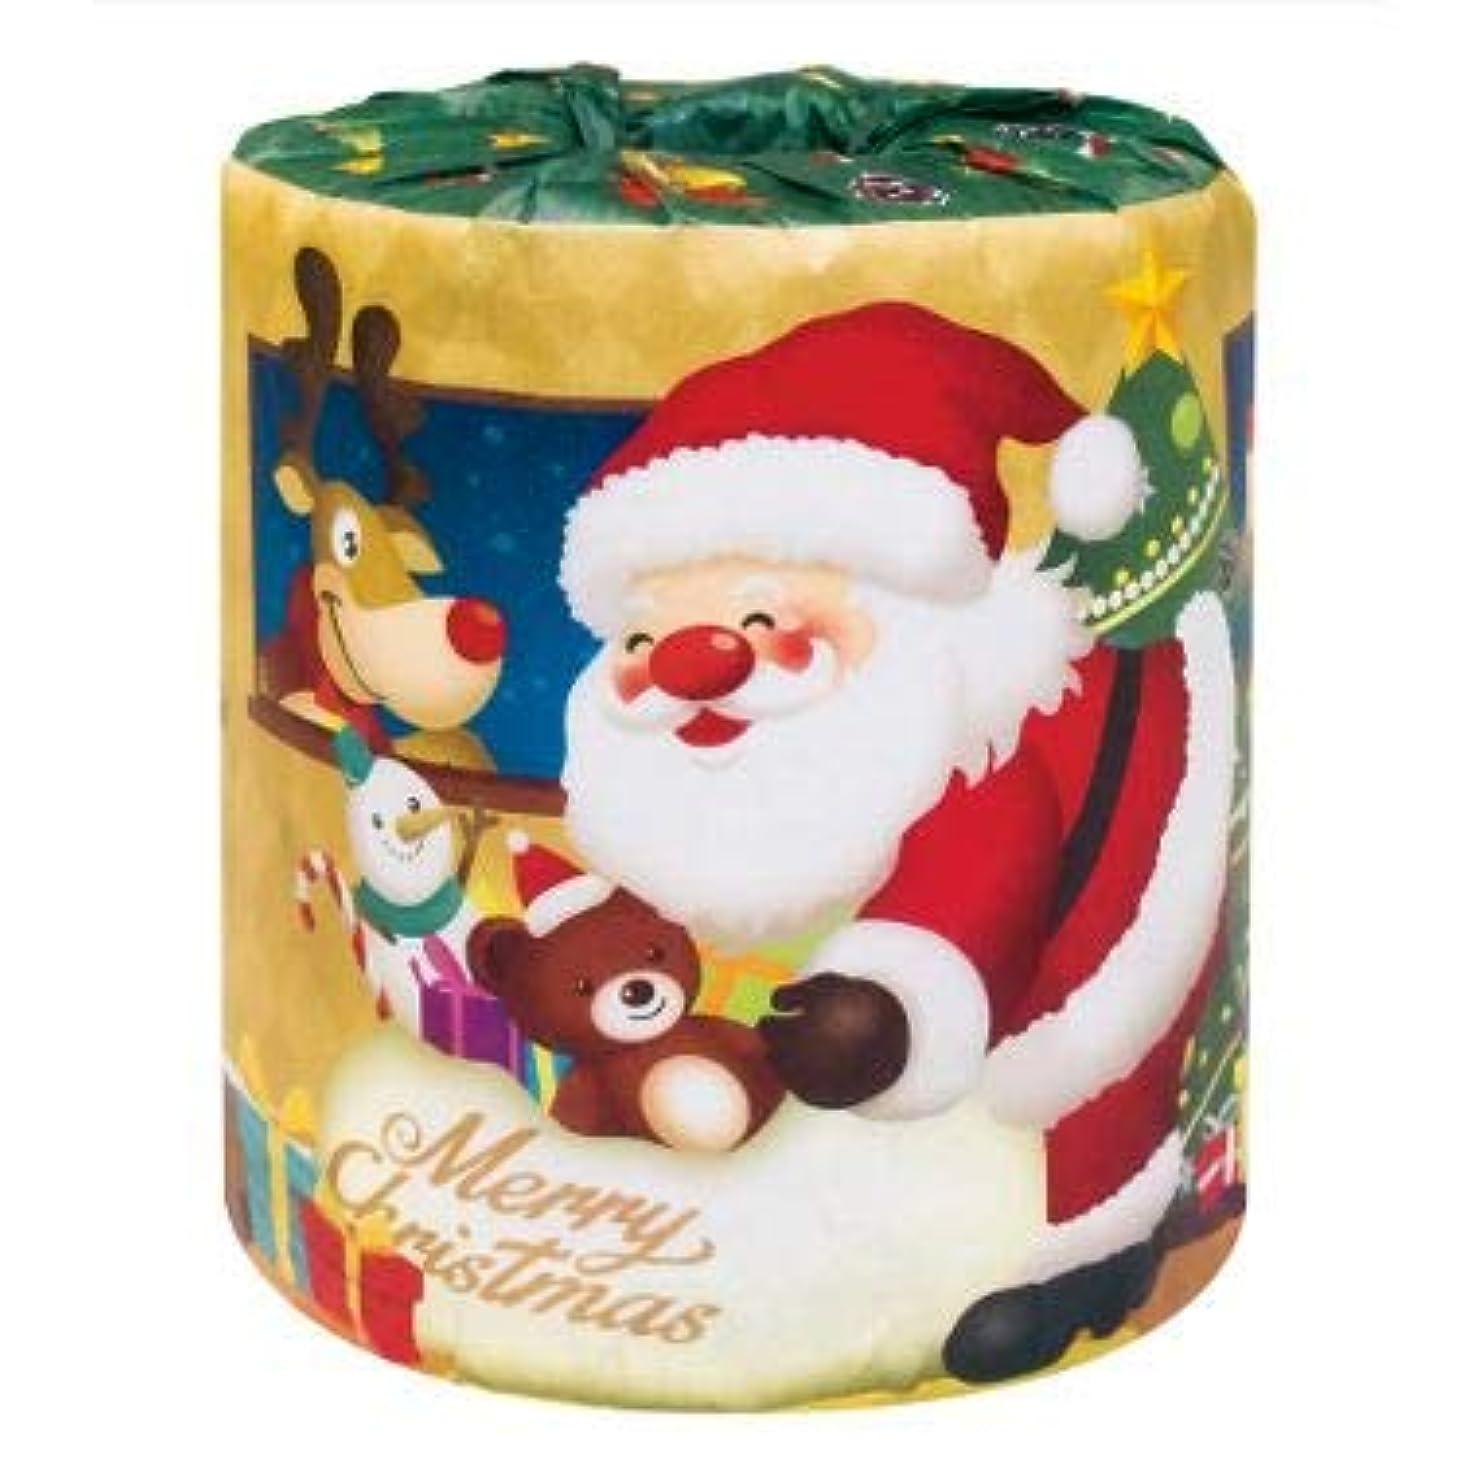 ところでチップハッチ【サンタロール1Rトイレットペーパー 1ケース100個入】Xmas クリスマス パーティー イベント用 催事 販促用 粗品 ディスプレイ 積み上げ